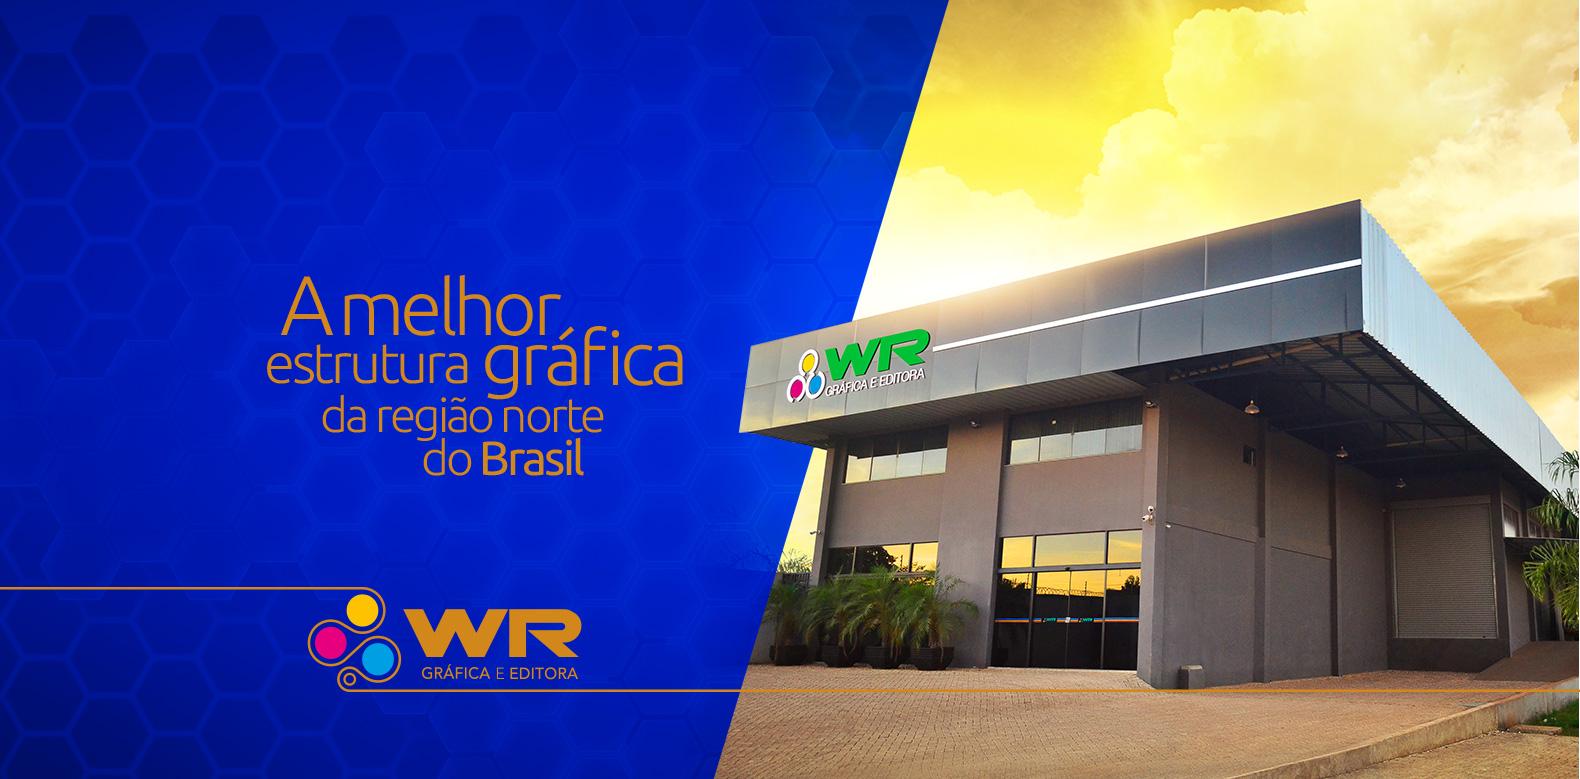 (c) Wrgraficaeditora.com.br